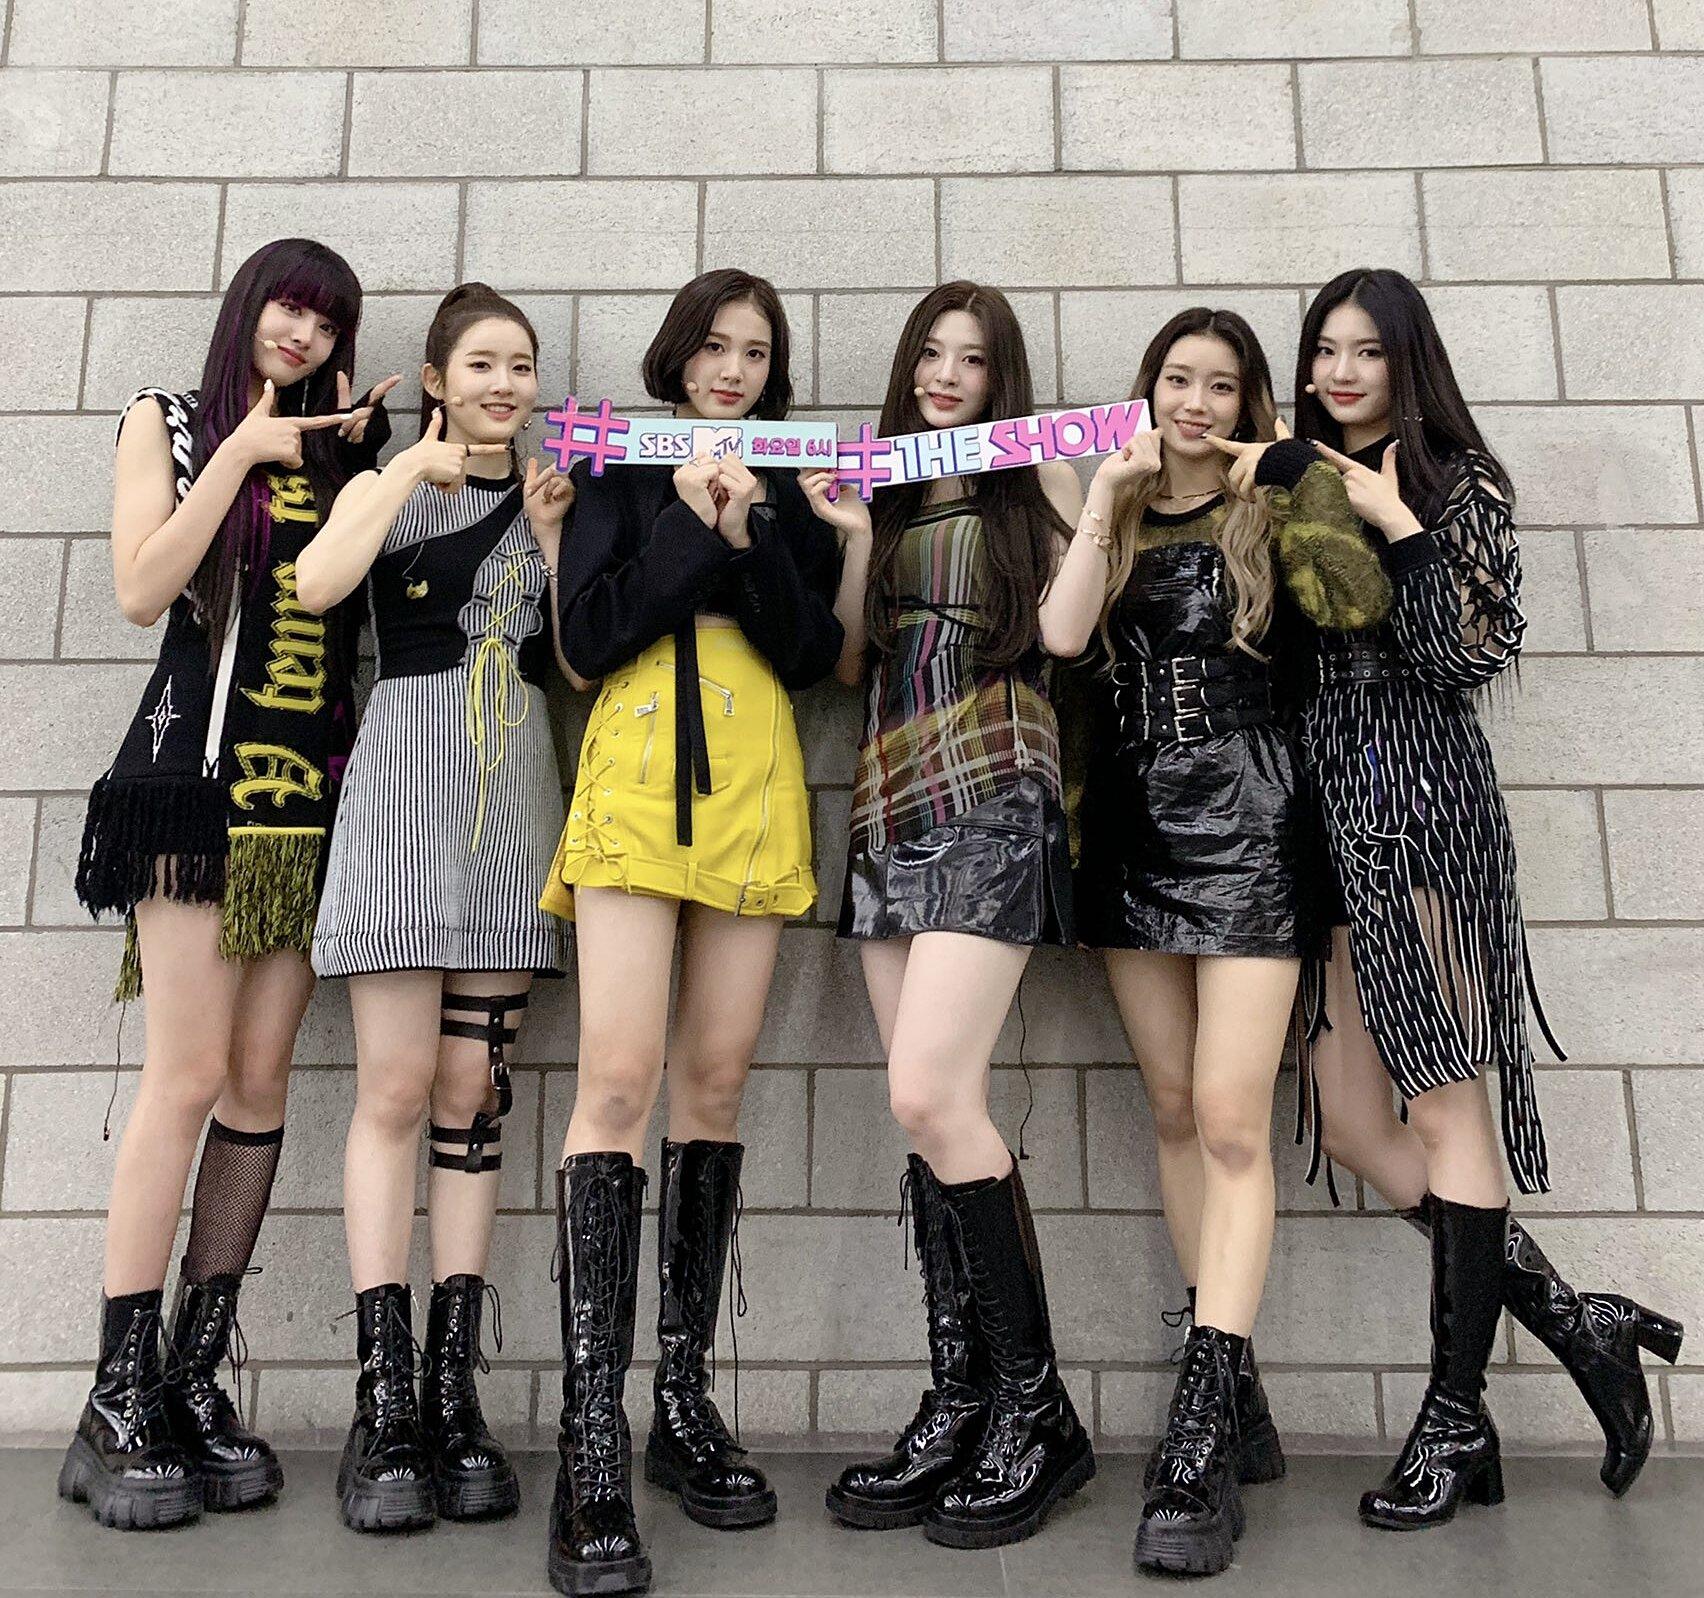 Các thành viên được lựa chọn outfit phù hợp theo vóc dáng, phong cách từng người.